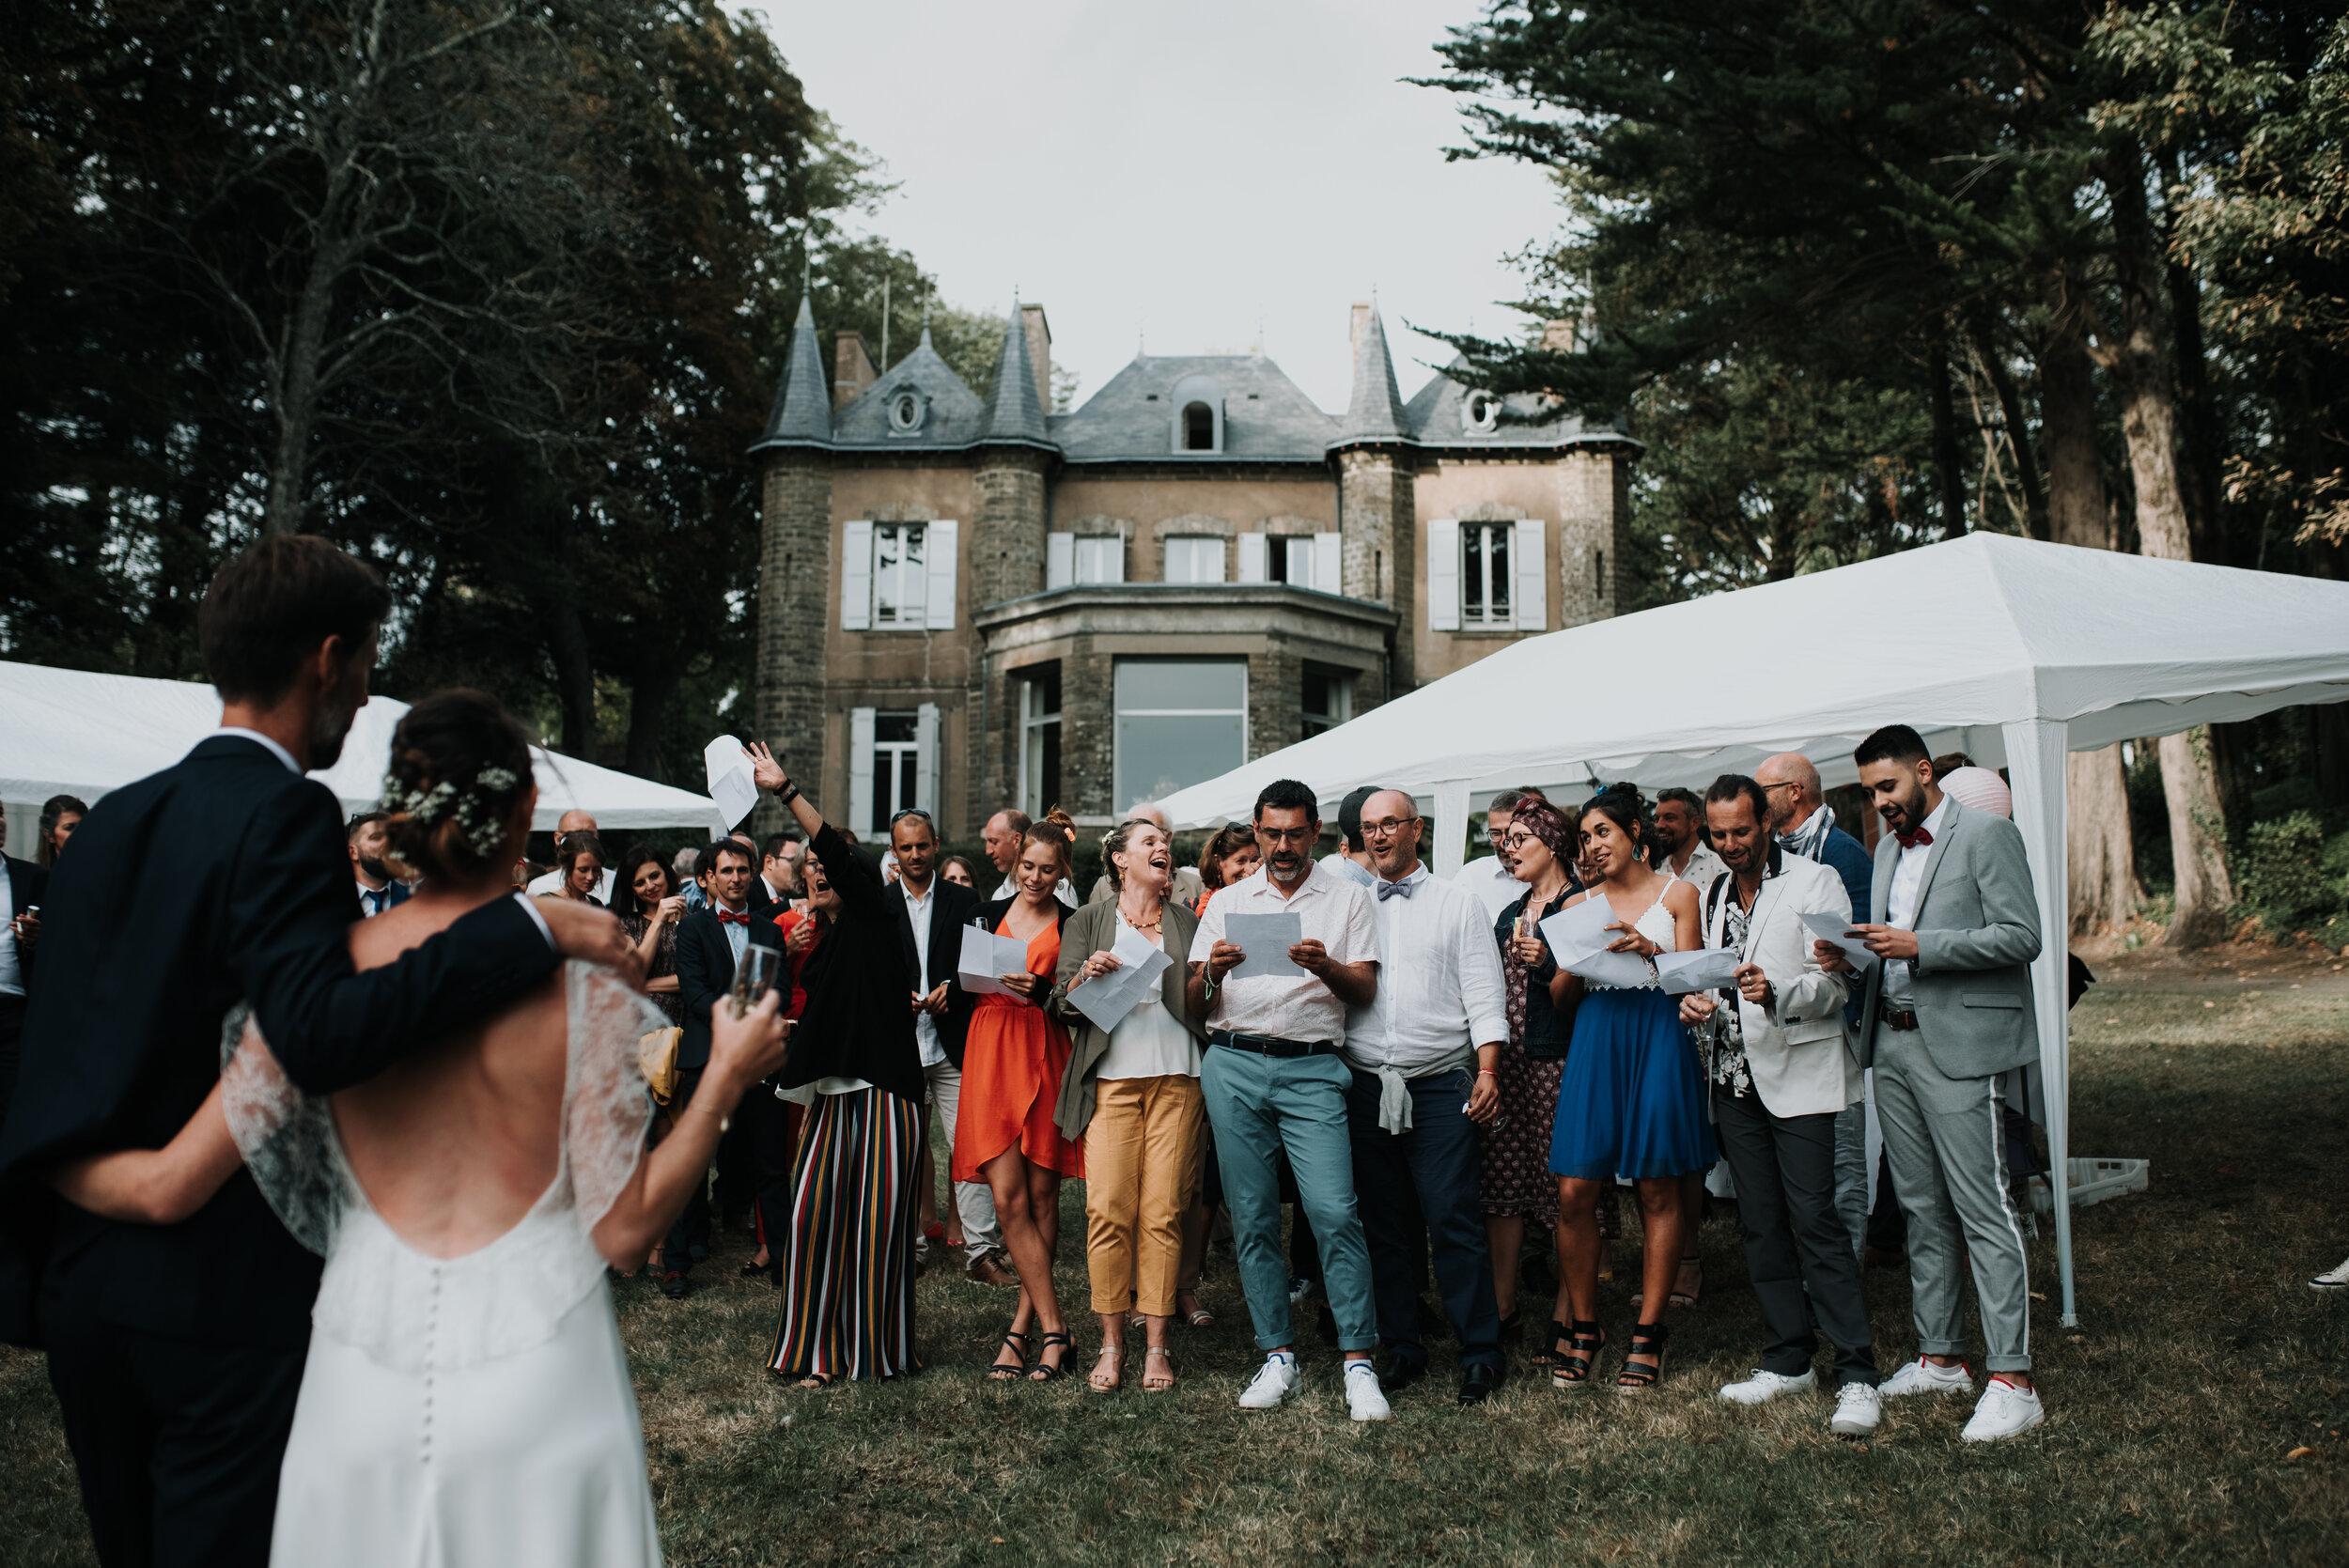 Léa-Fery-photographe-professionnel-Bretagne-portrait-creation-mariage-evenement-evenementiel-famille-7441.jpg